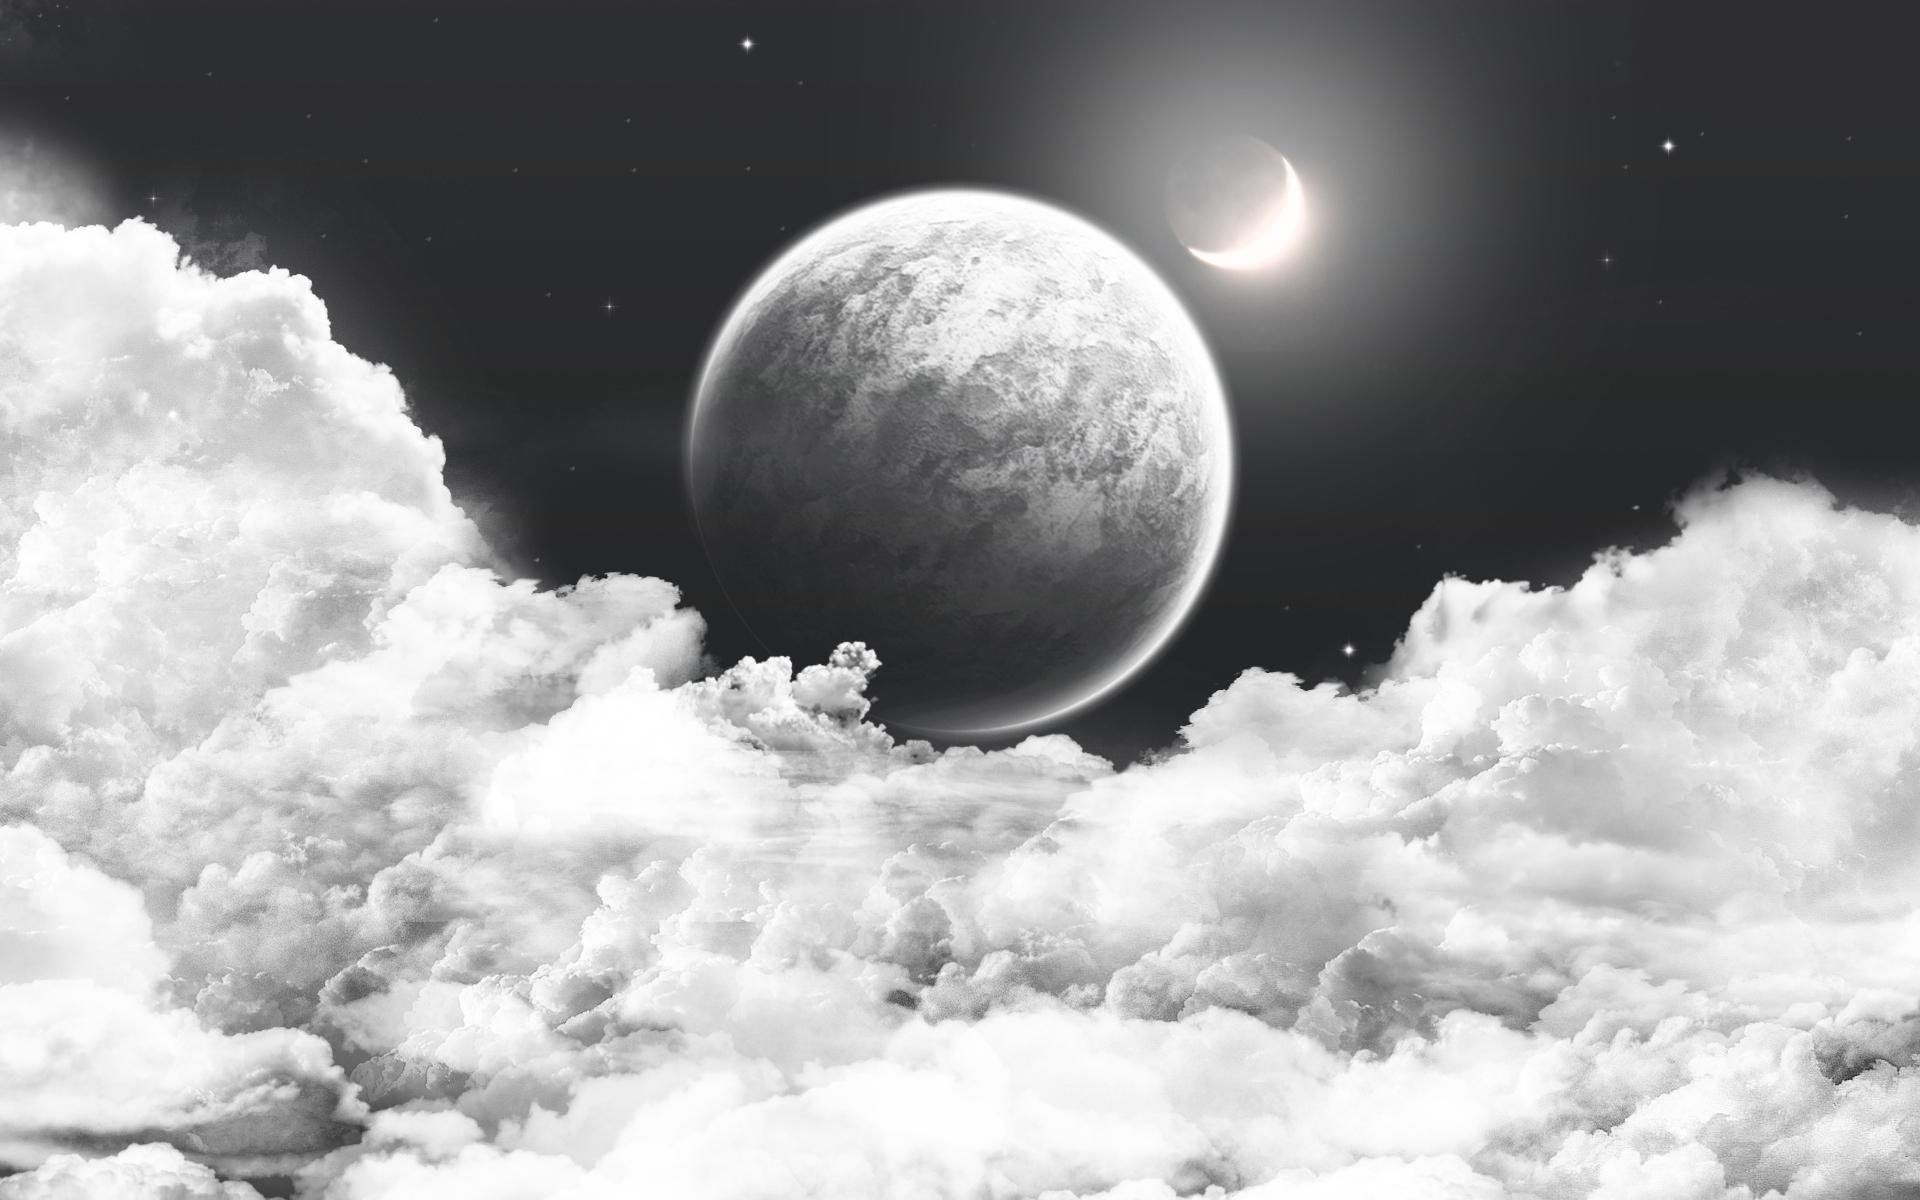 картинка серая планета только